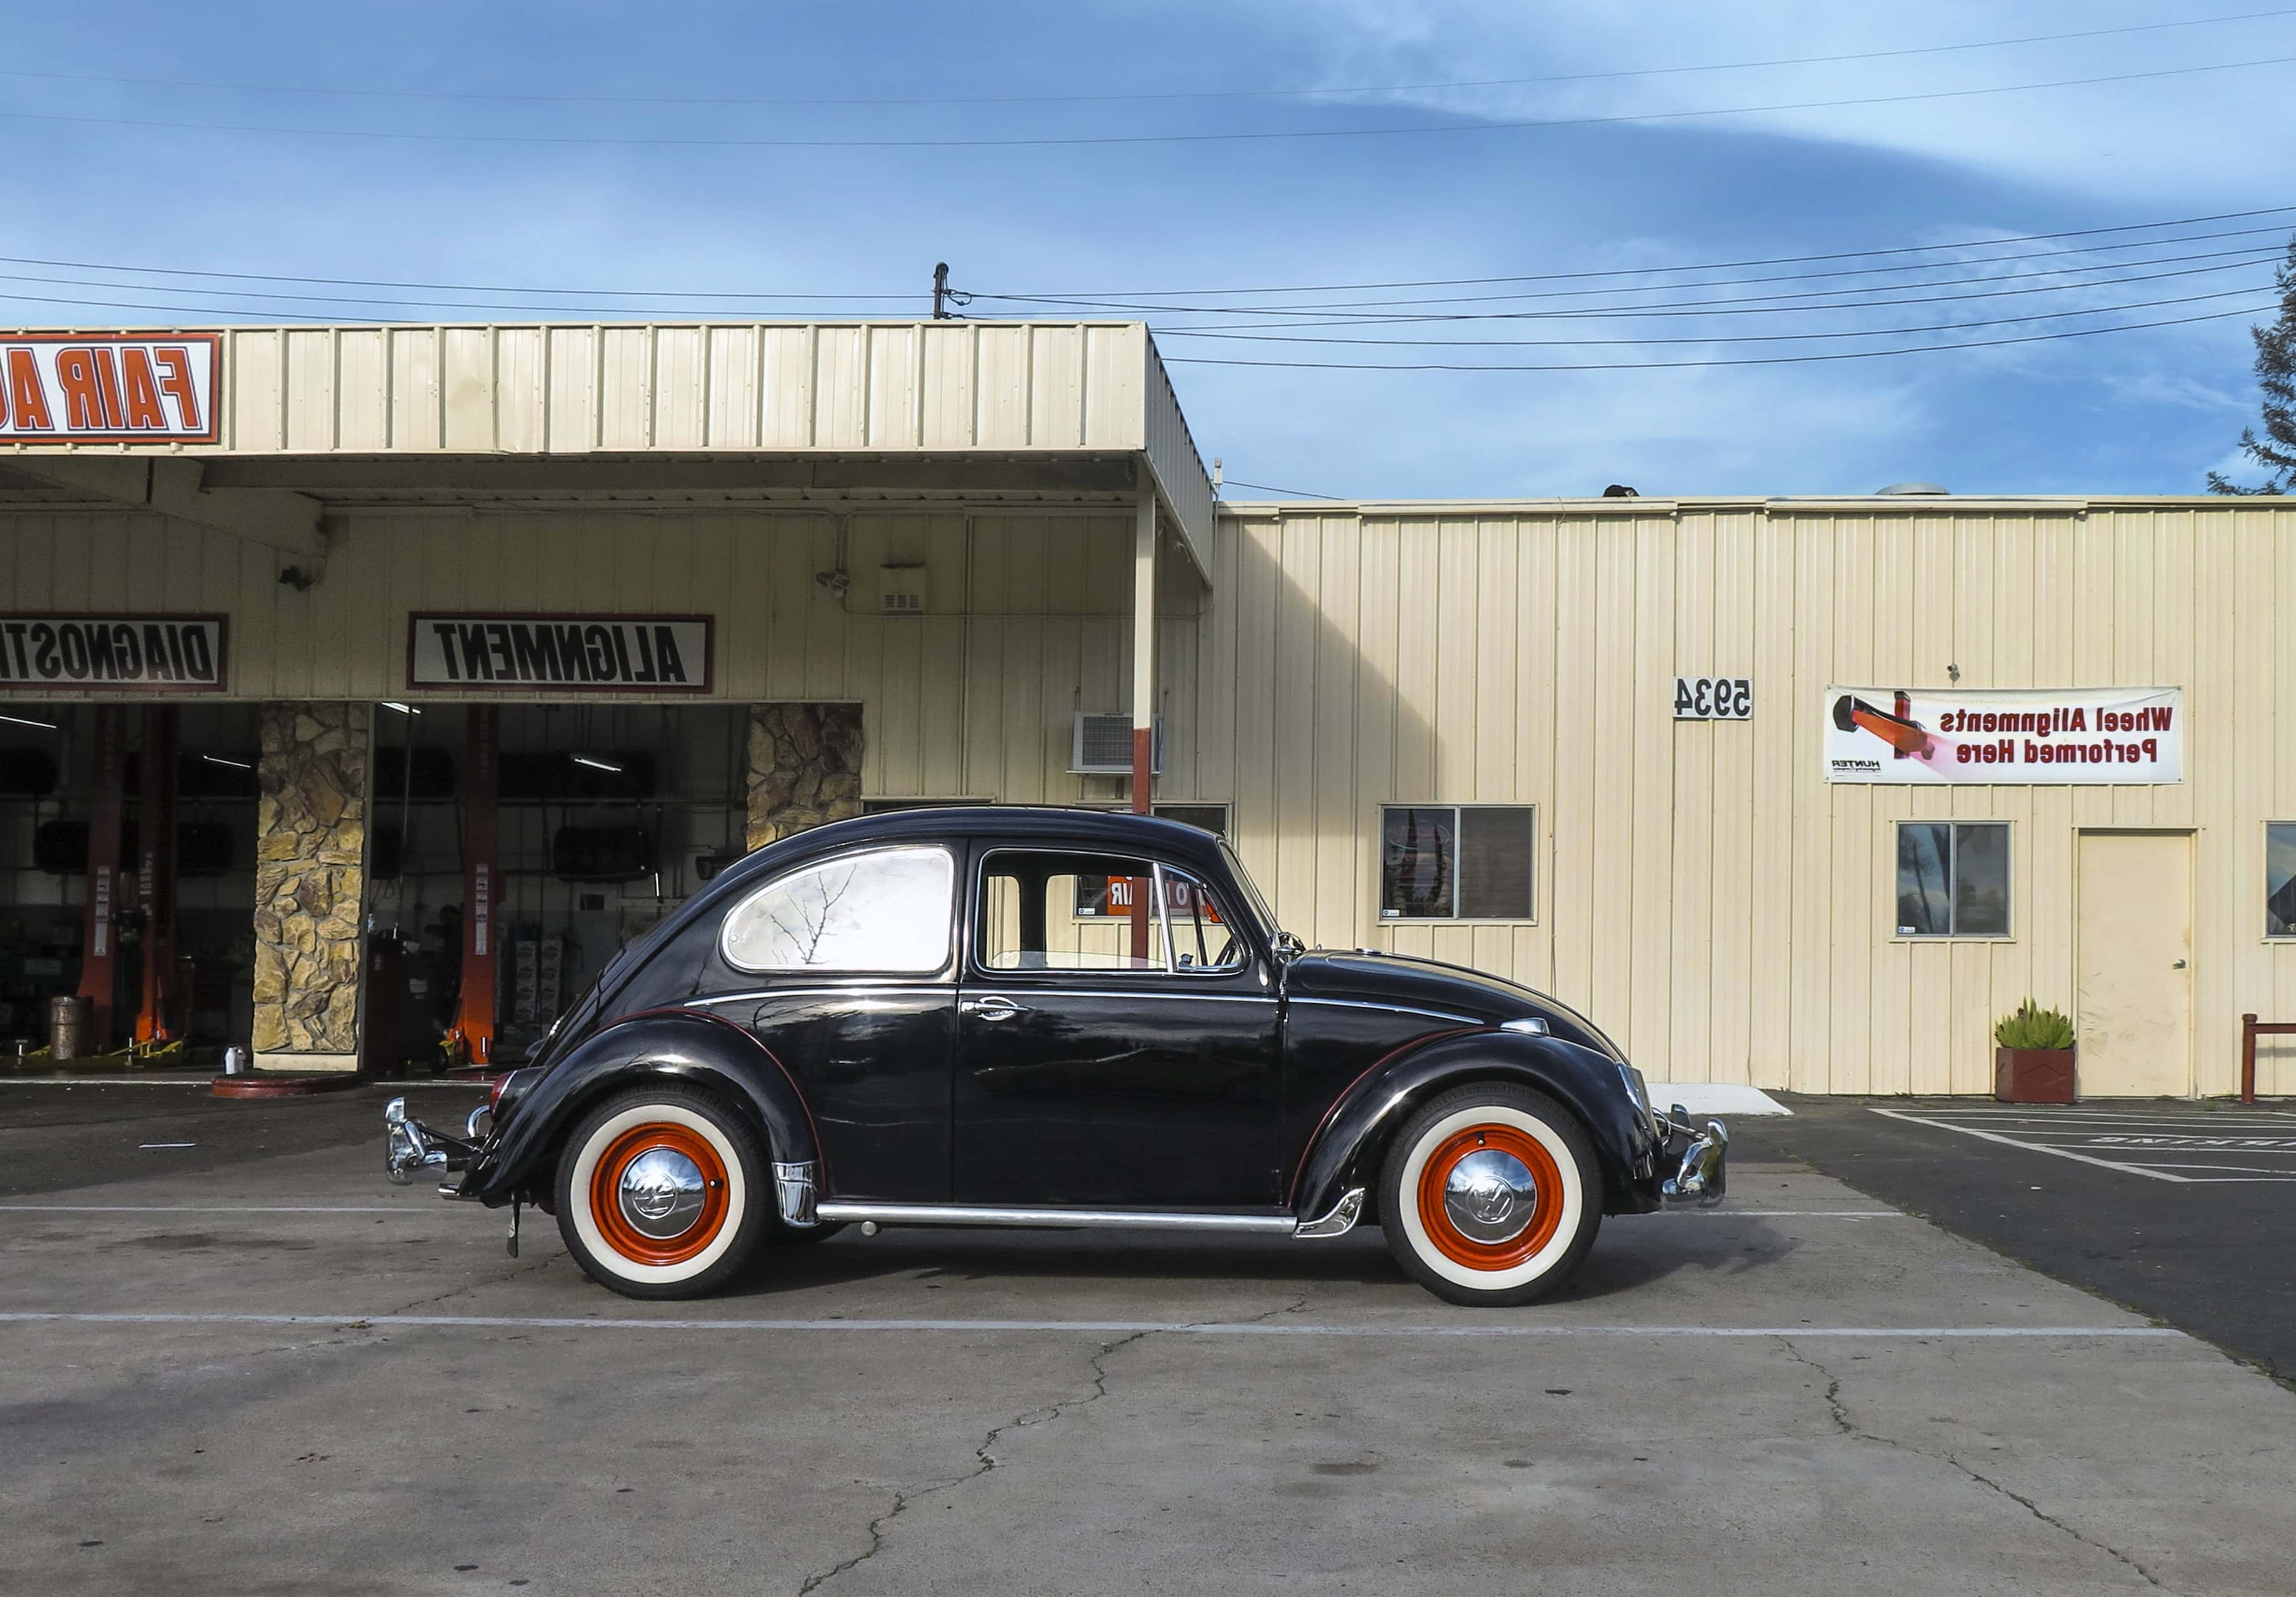 Fabriksnye Gratis billede: køretøj, vej, gammel bil, garage, transport LZ-85